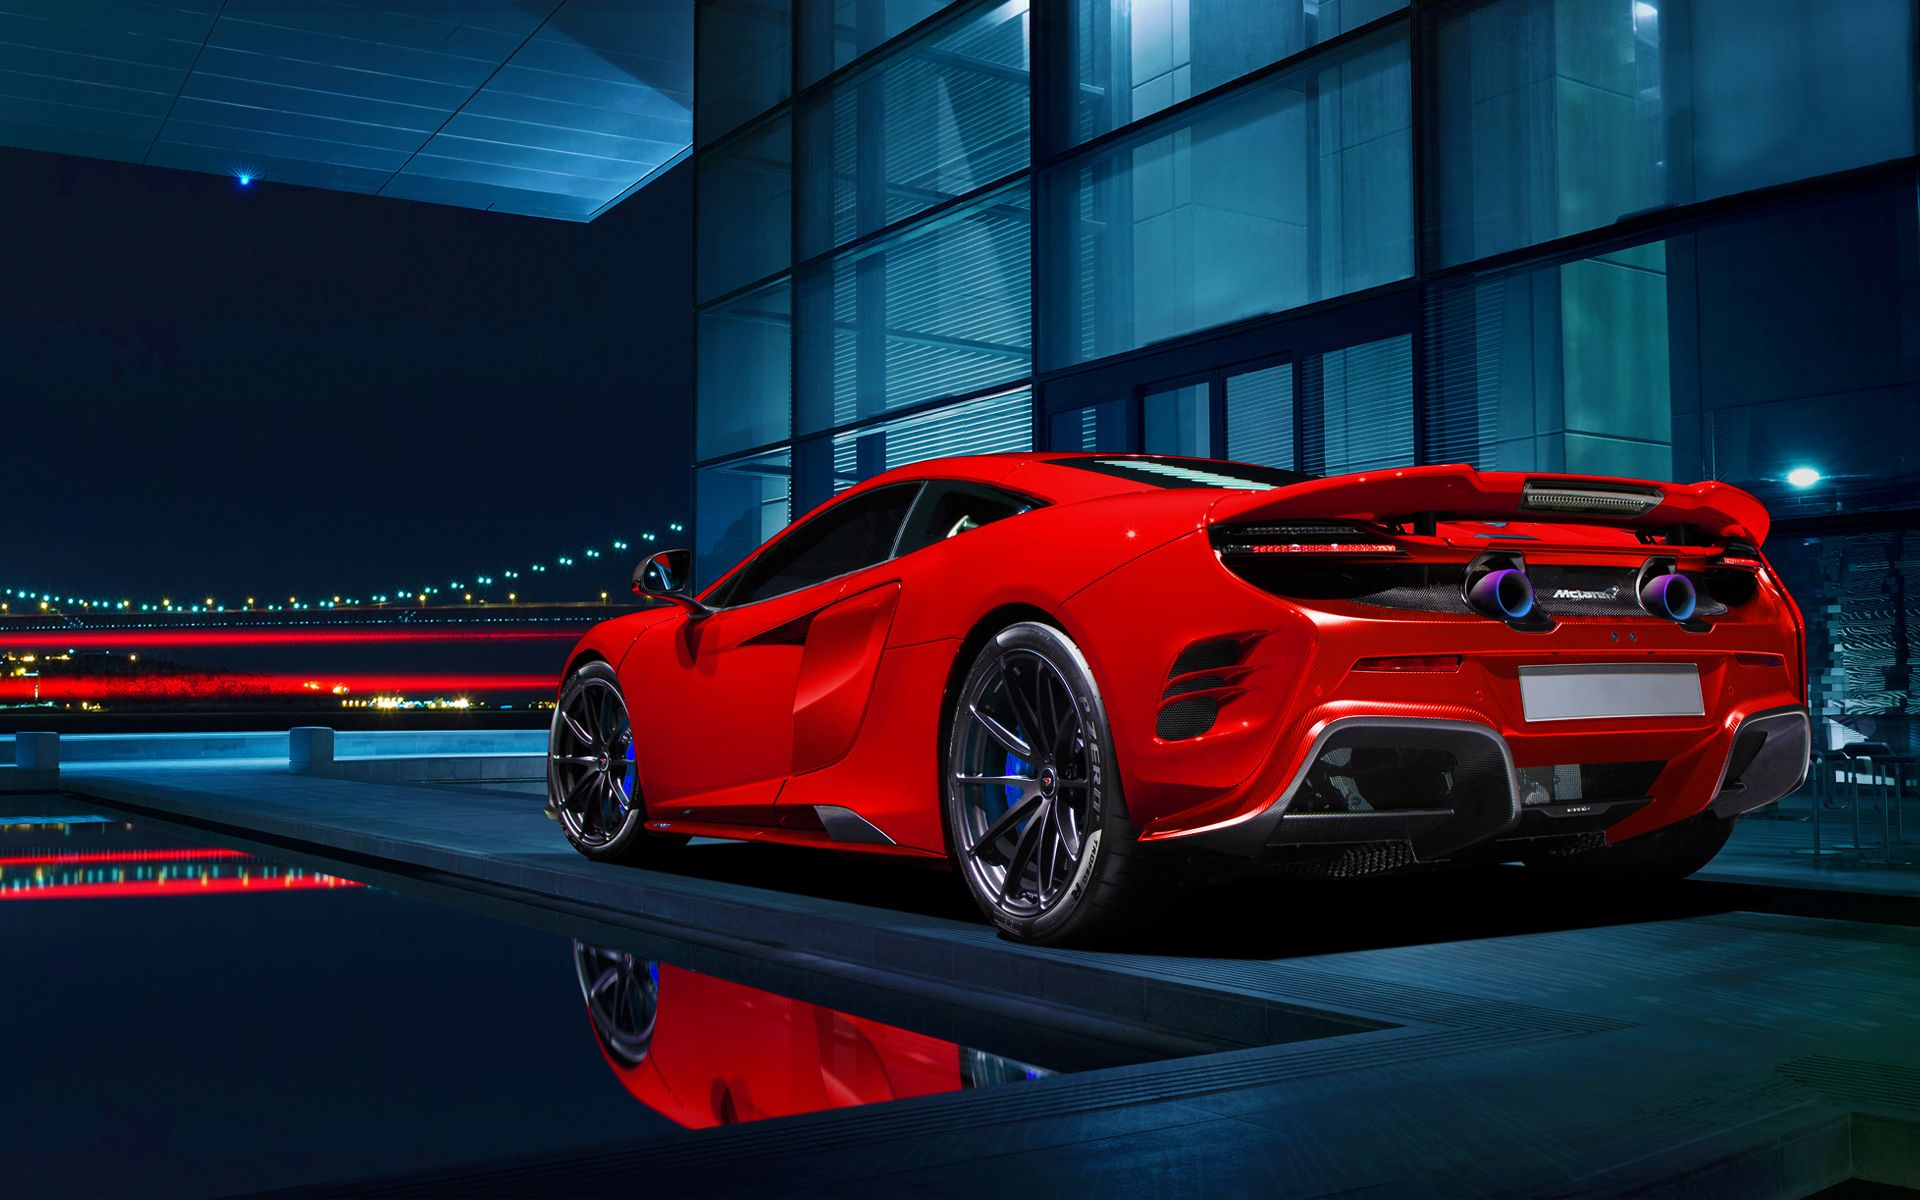 Red Mclaren 675ltt Wide Body Cgi 1920 1200 Mclaren 675lt Car Wallpapers Red Sports Car